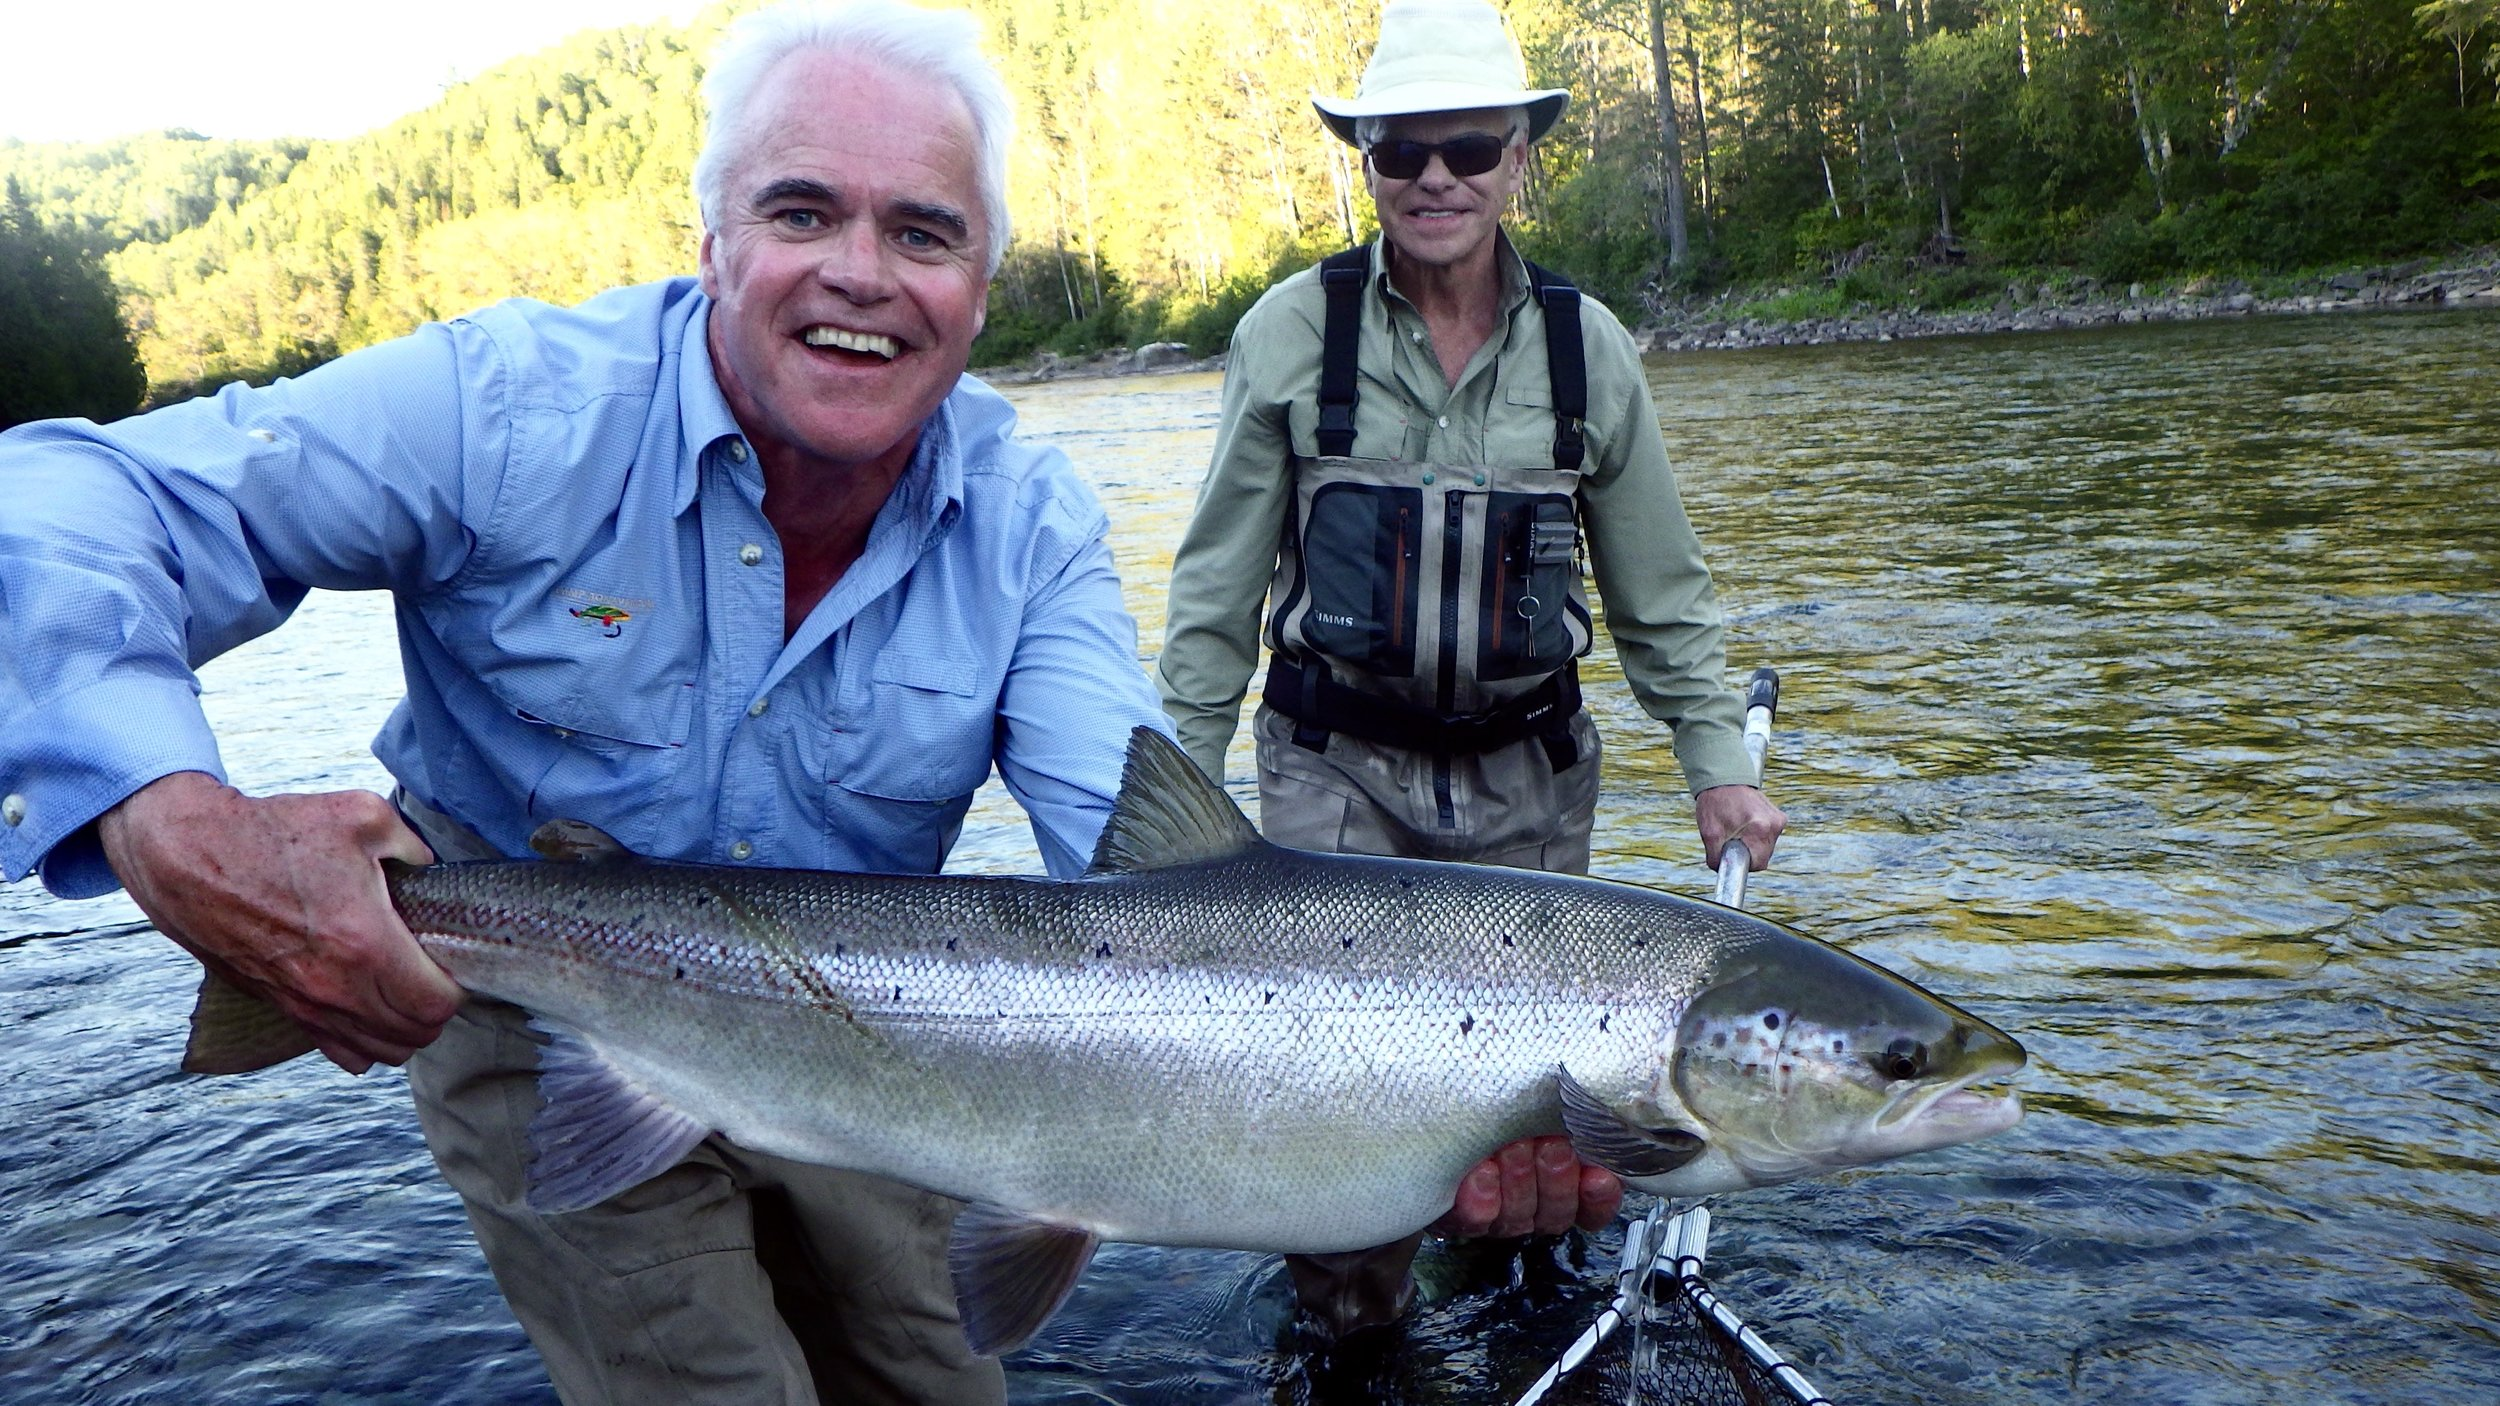 Mac Fox nous montre son magnifique saumon de septembre, capturé sur la Bonaventure. Félicitations, Mac, et à l'an prochain!